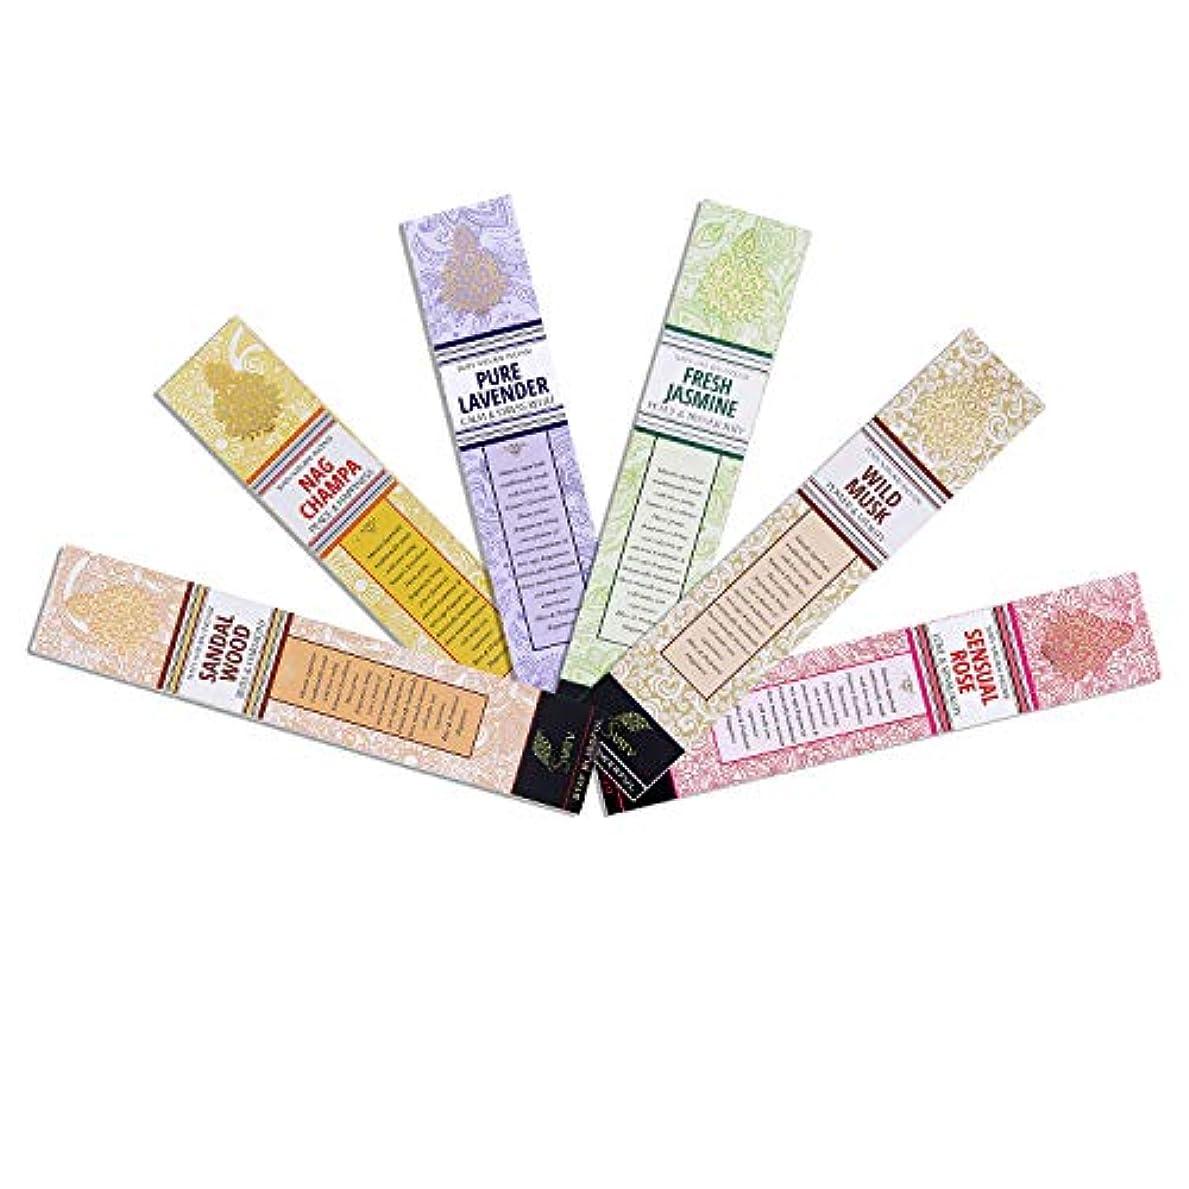 ボトルネック泣き叫ぶ入場SVATV :: Hand Rolled Masala Incense Stick/手巻きマサラ香 15g Pack 6 Fragrance (Nagchampa, Sandalwood, Lavender, Rose,...